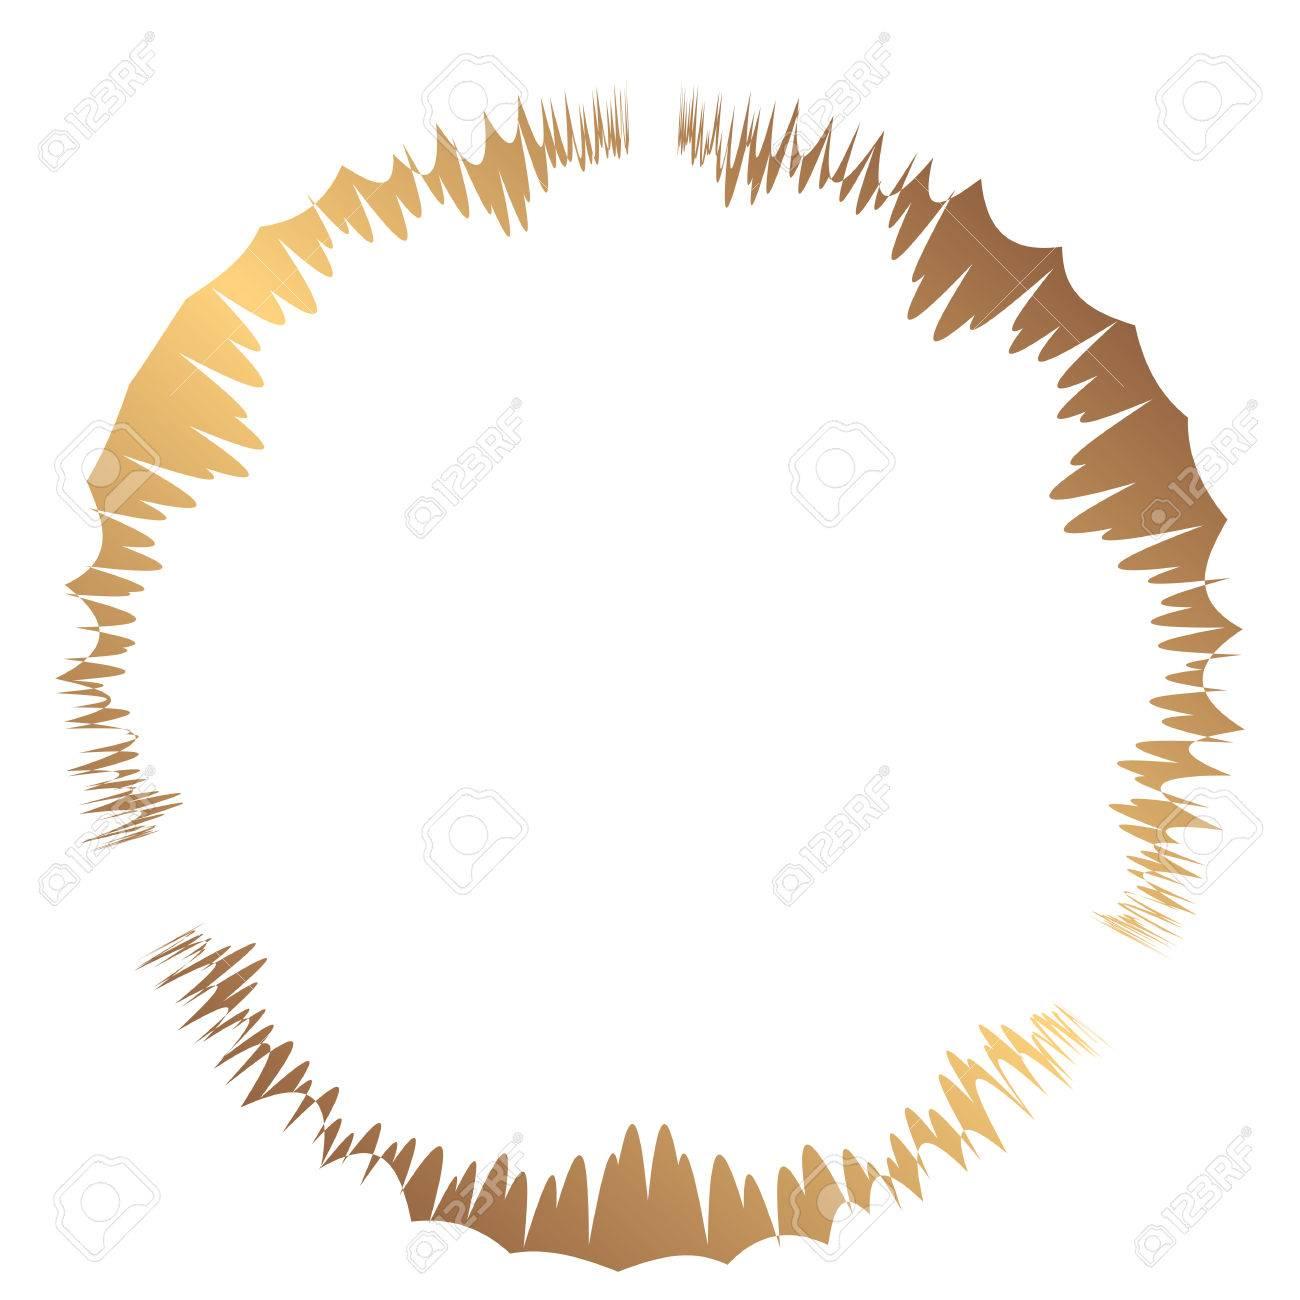 Abstrakter Runder Goldrahmen. Vorlage Zum Erstellen Von Symbolen ...